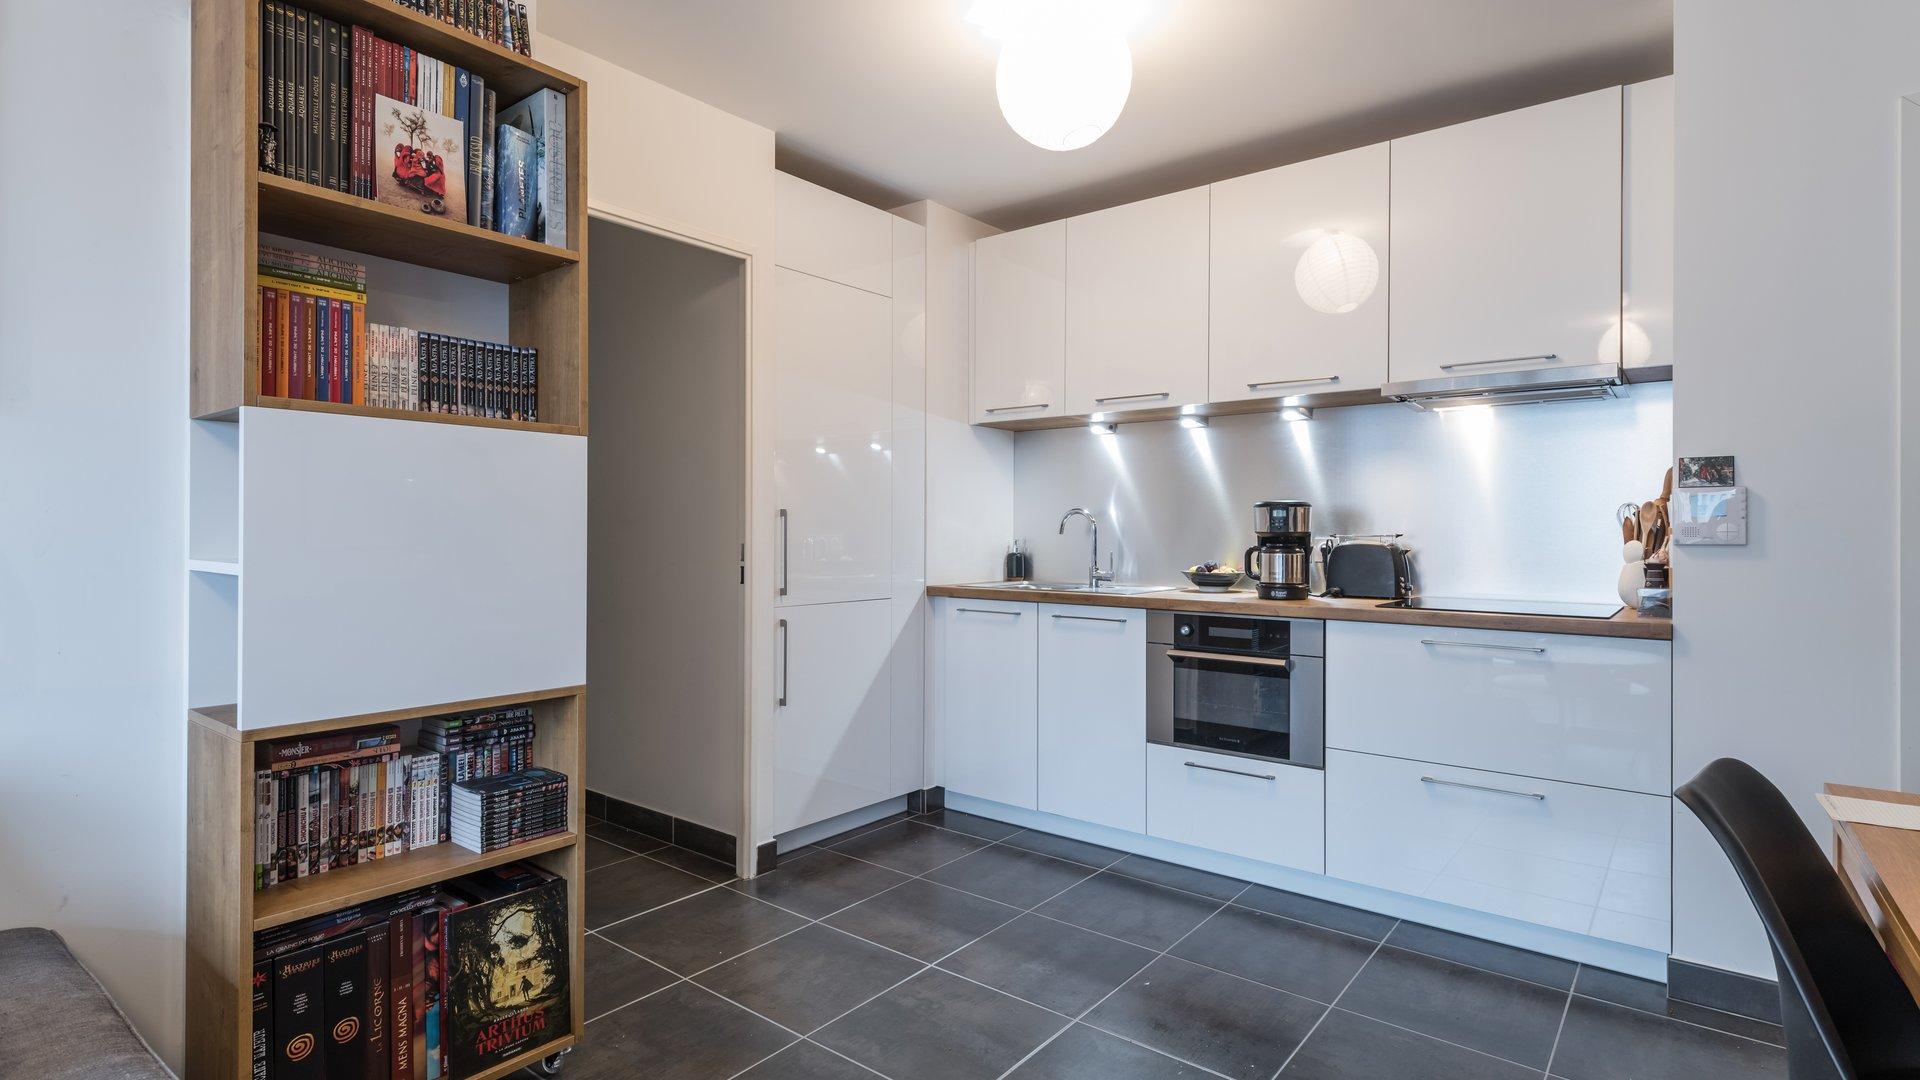 Comment aménager une petite cuisine ? - Blog Schmidt